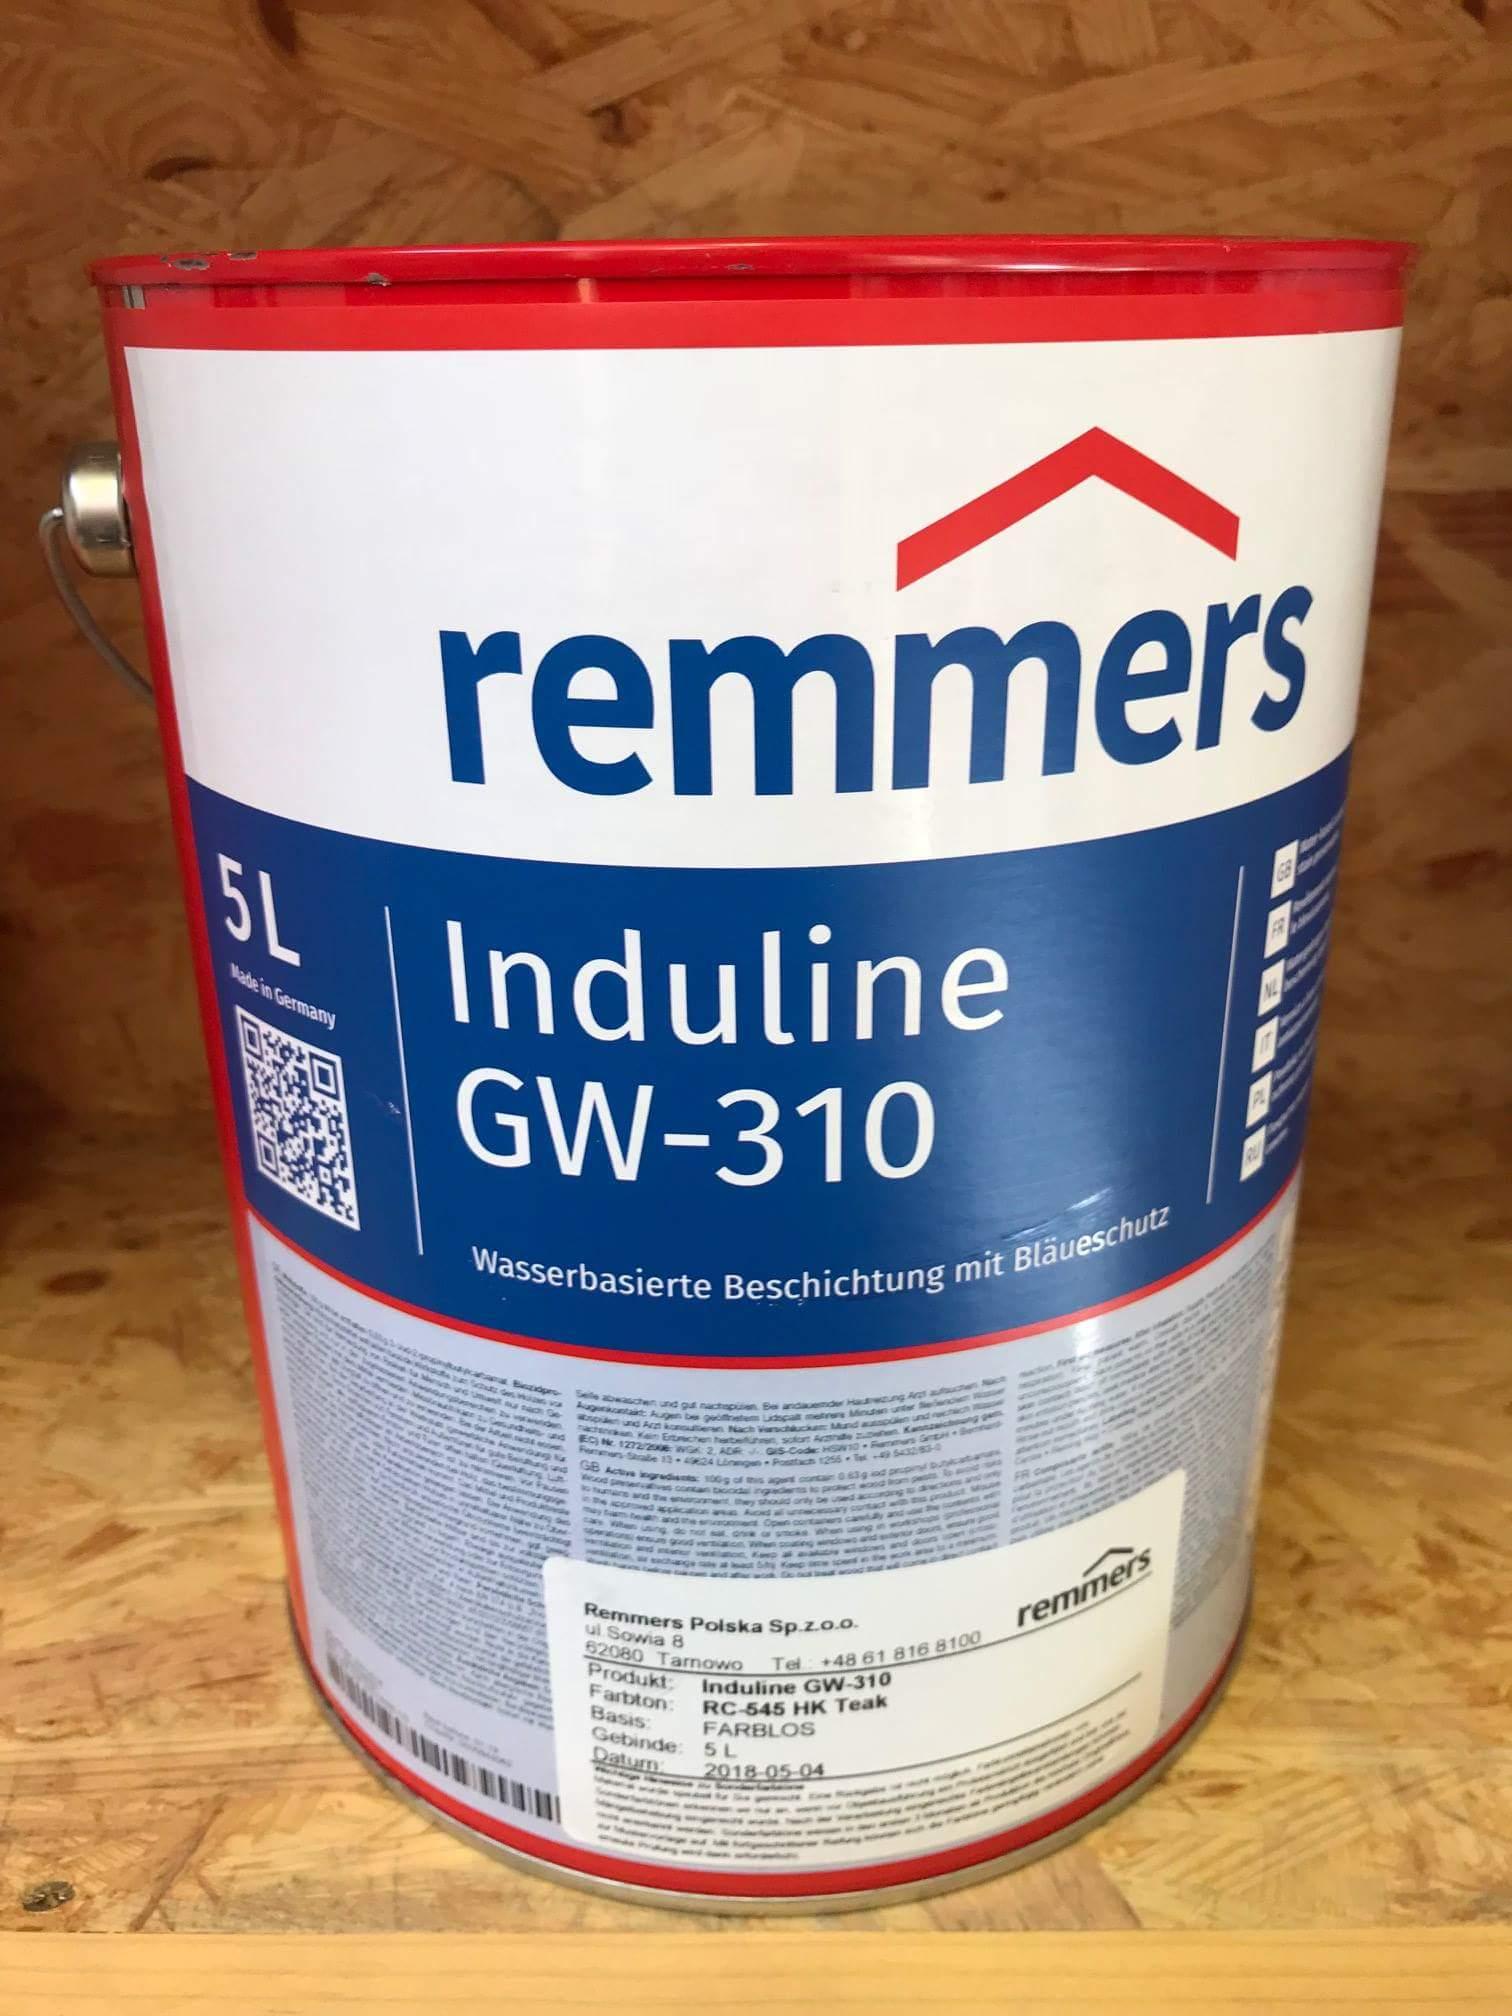 remmers induline gw-310 - barvy na dřevo.cz specialista na nátěry dřeva